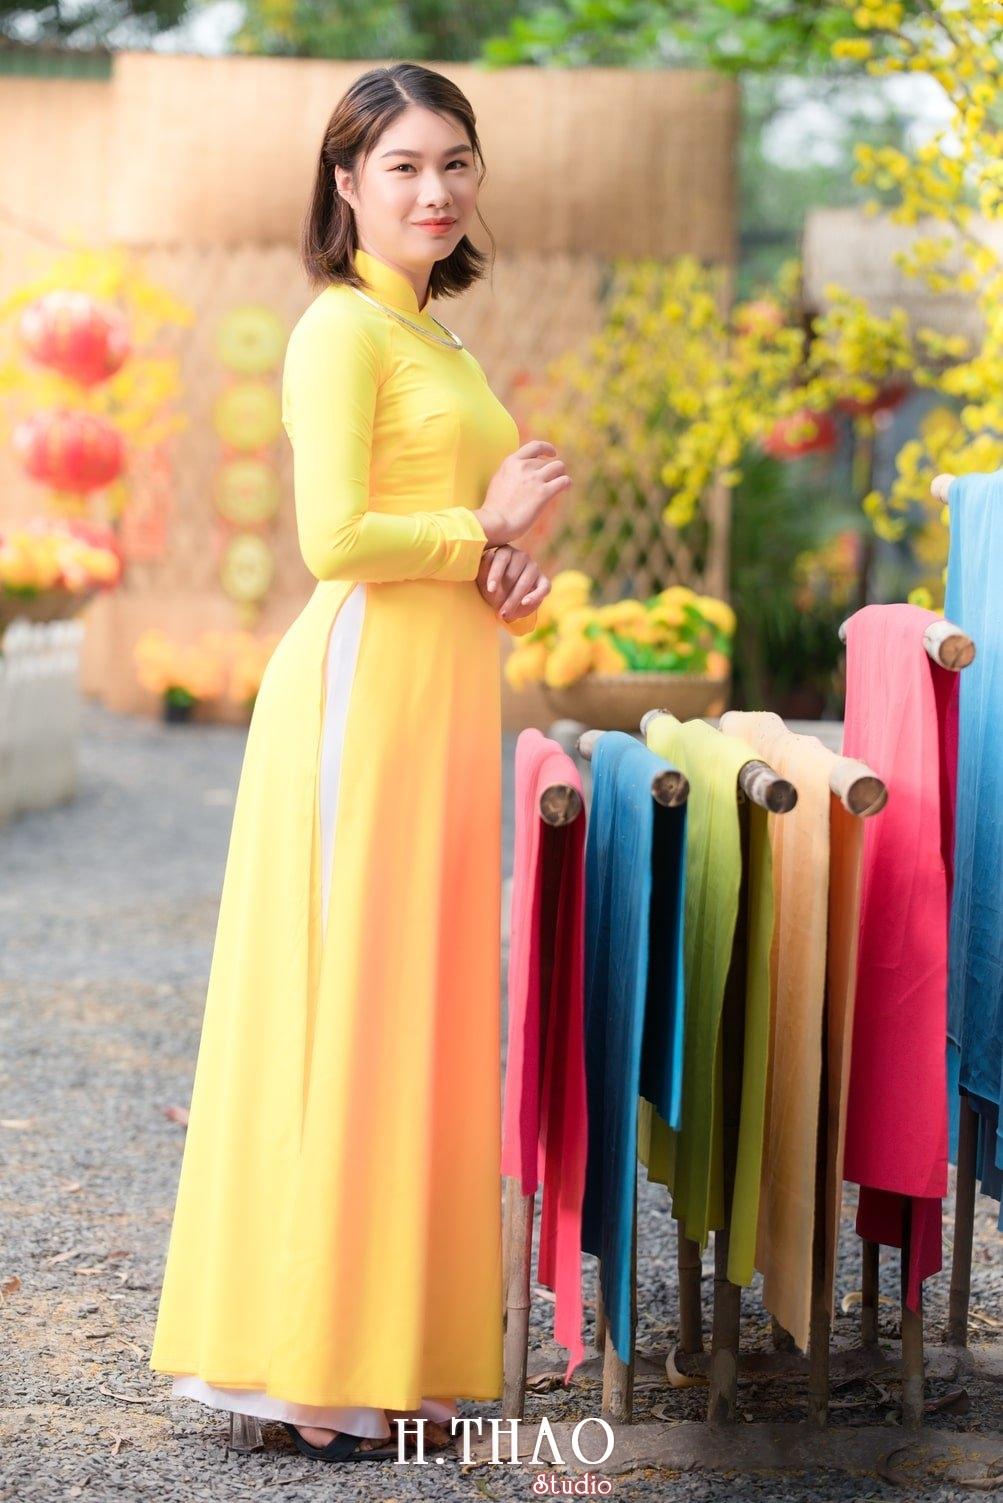 Ao dai tet 7 - Top 40 ảnh áo dài chụp với Hoa đào, hoa mai tết tuyệt đẹp- HThao Studio